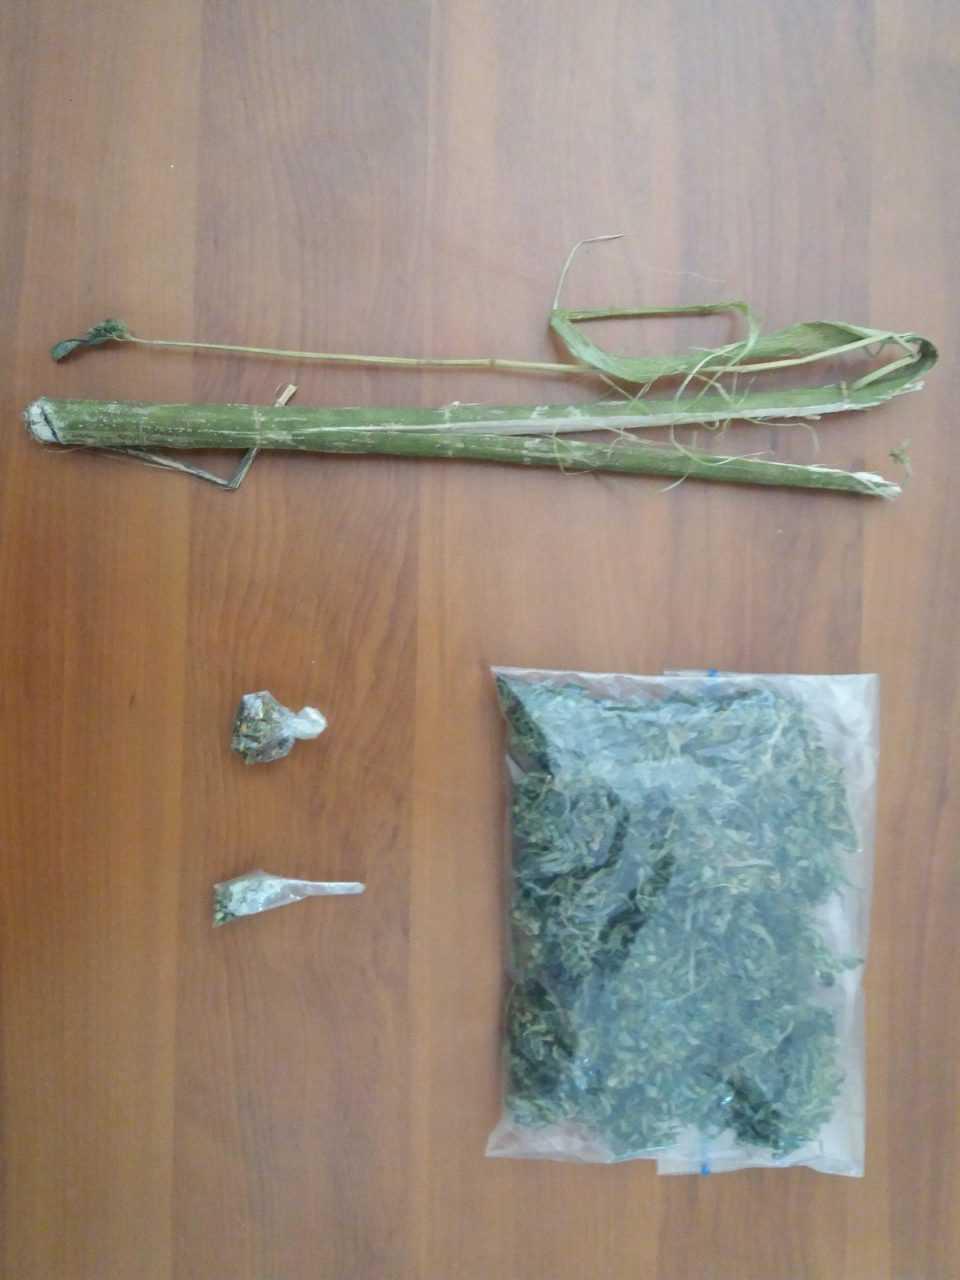 Σύλληψη 59χρονου ημεδαπού σε περιοχή των Γρεβενών για κατοχή ναρκωτικών ουσιών 1